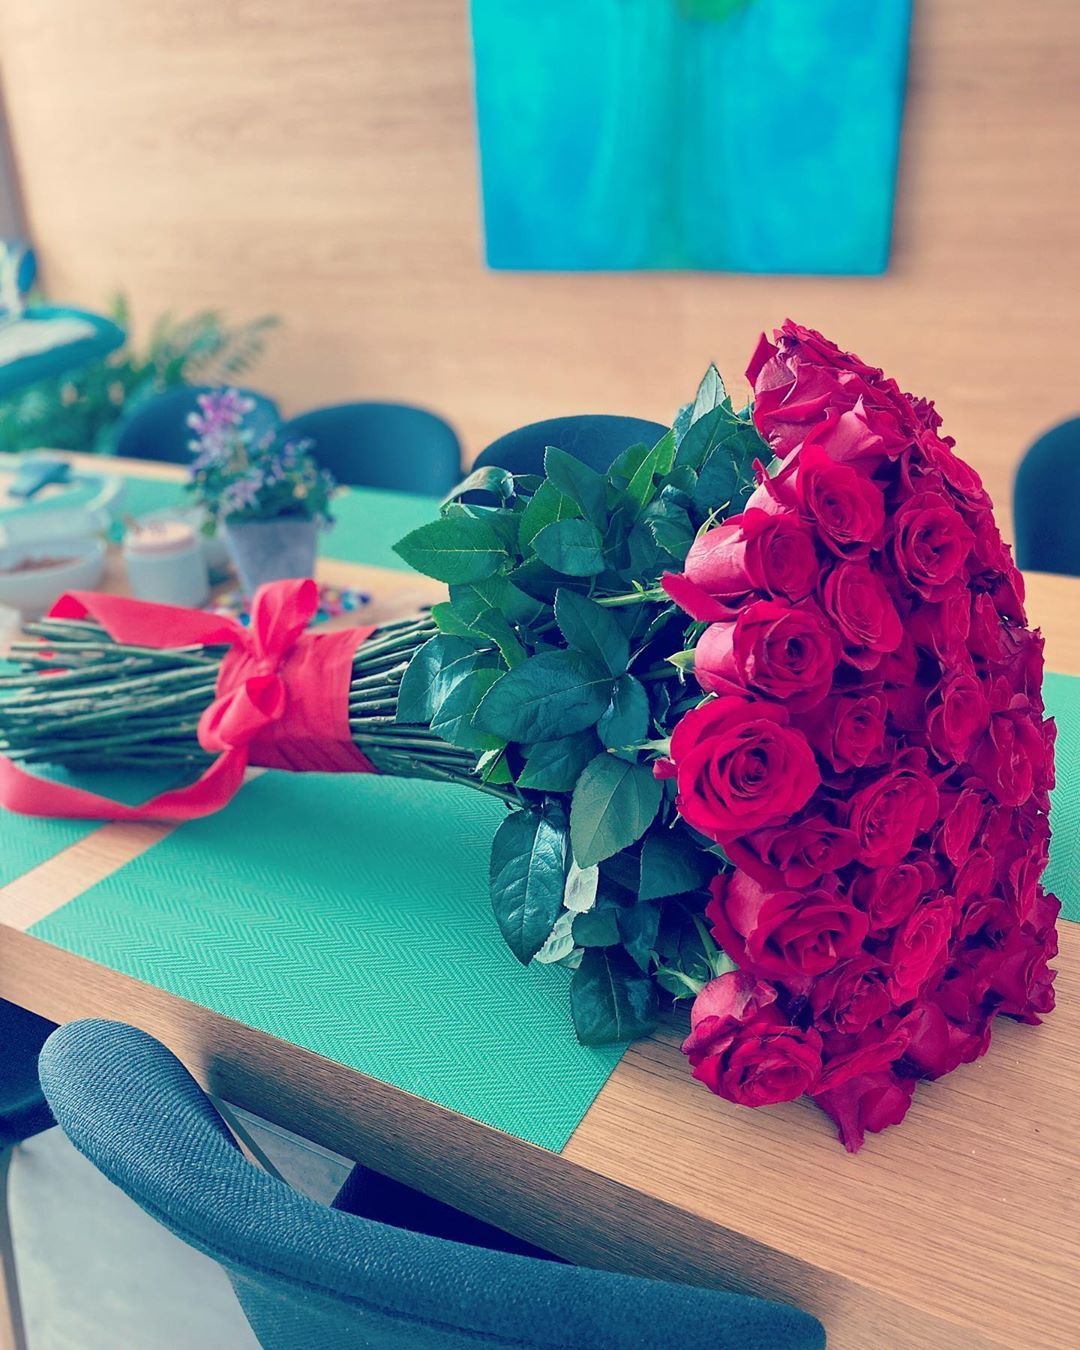 Puget růží, který svým holkým na Valentýna daroval hokejista Tomáše Plekanec!